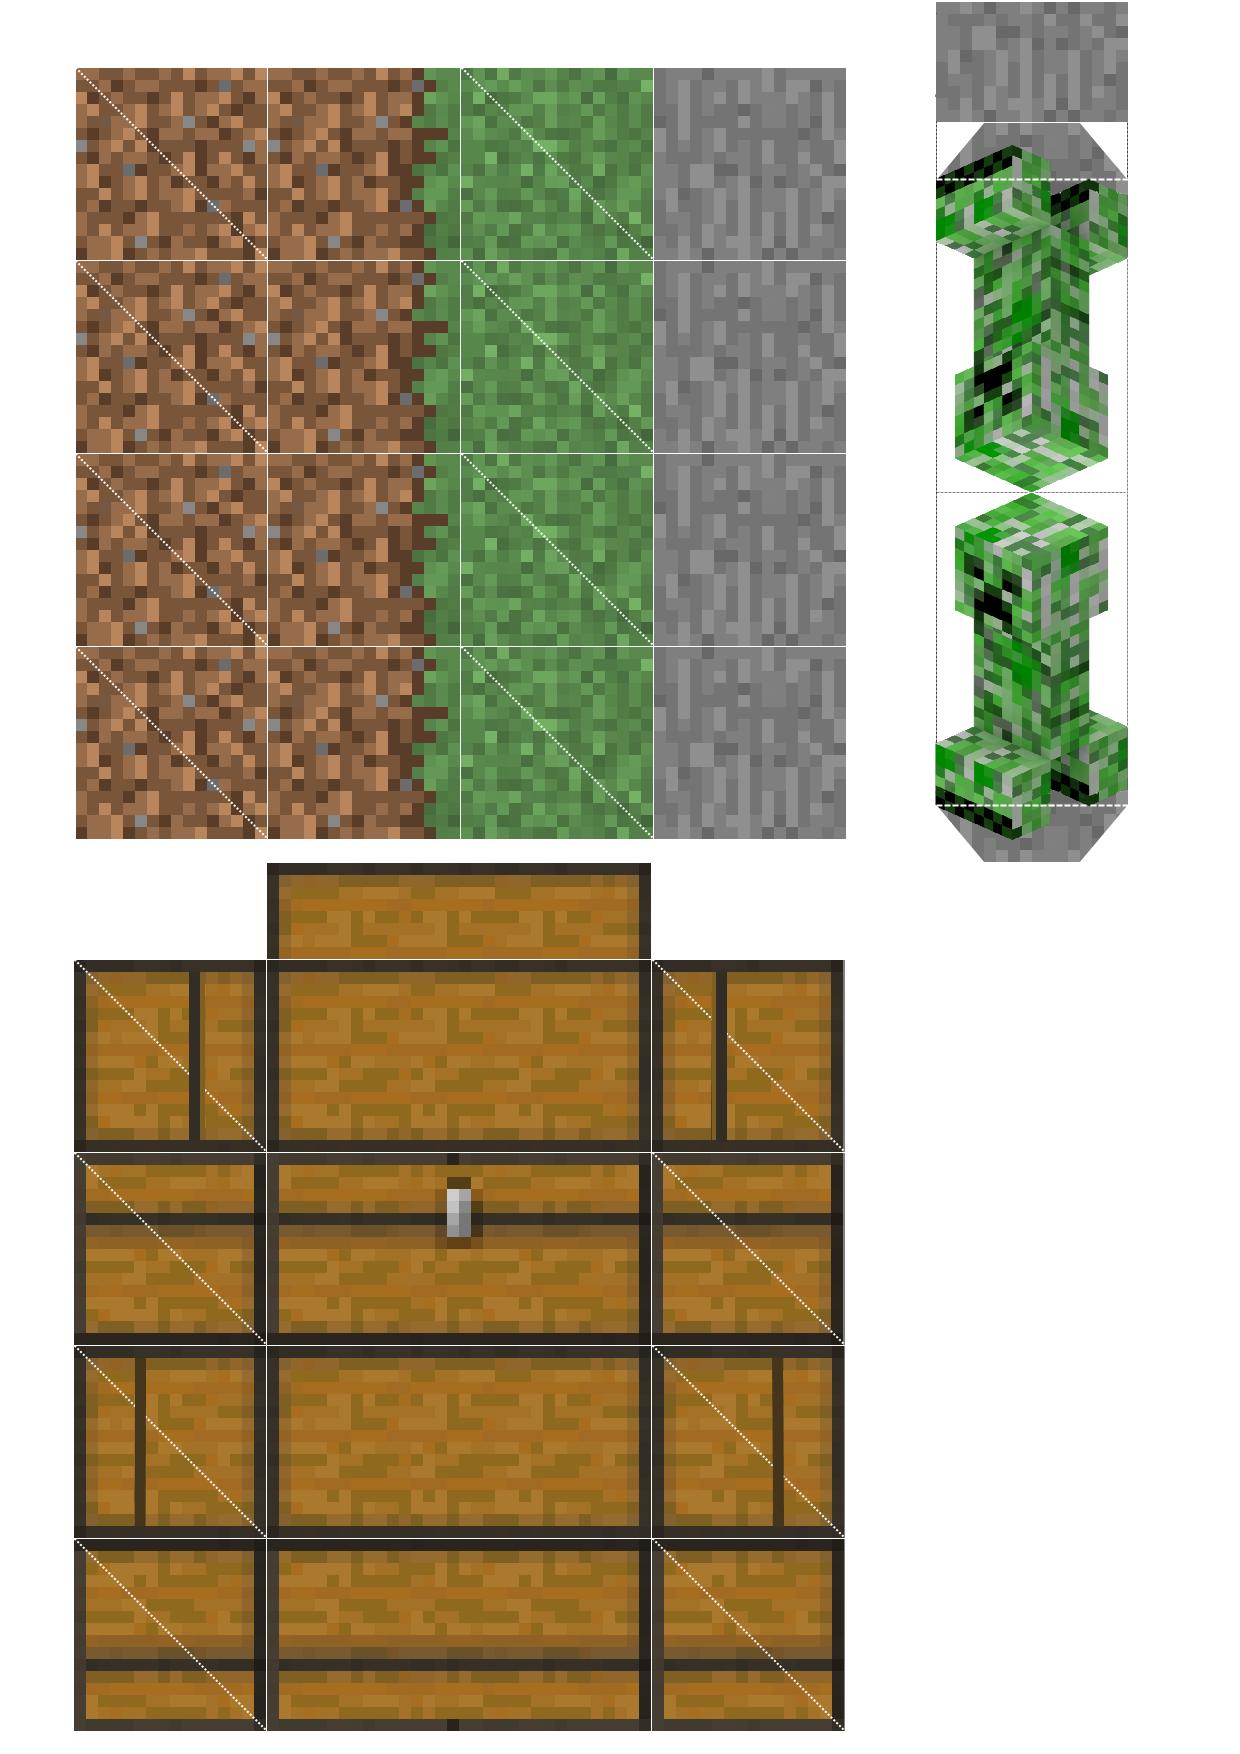 блоки из майнкрафта из бумаги фото #5